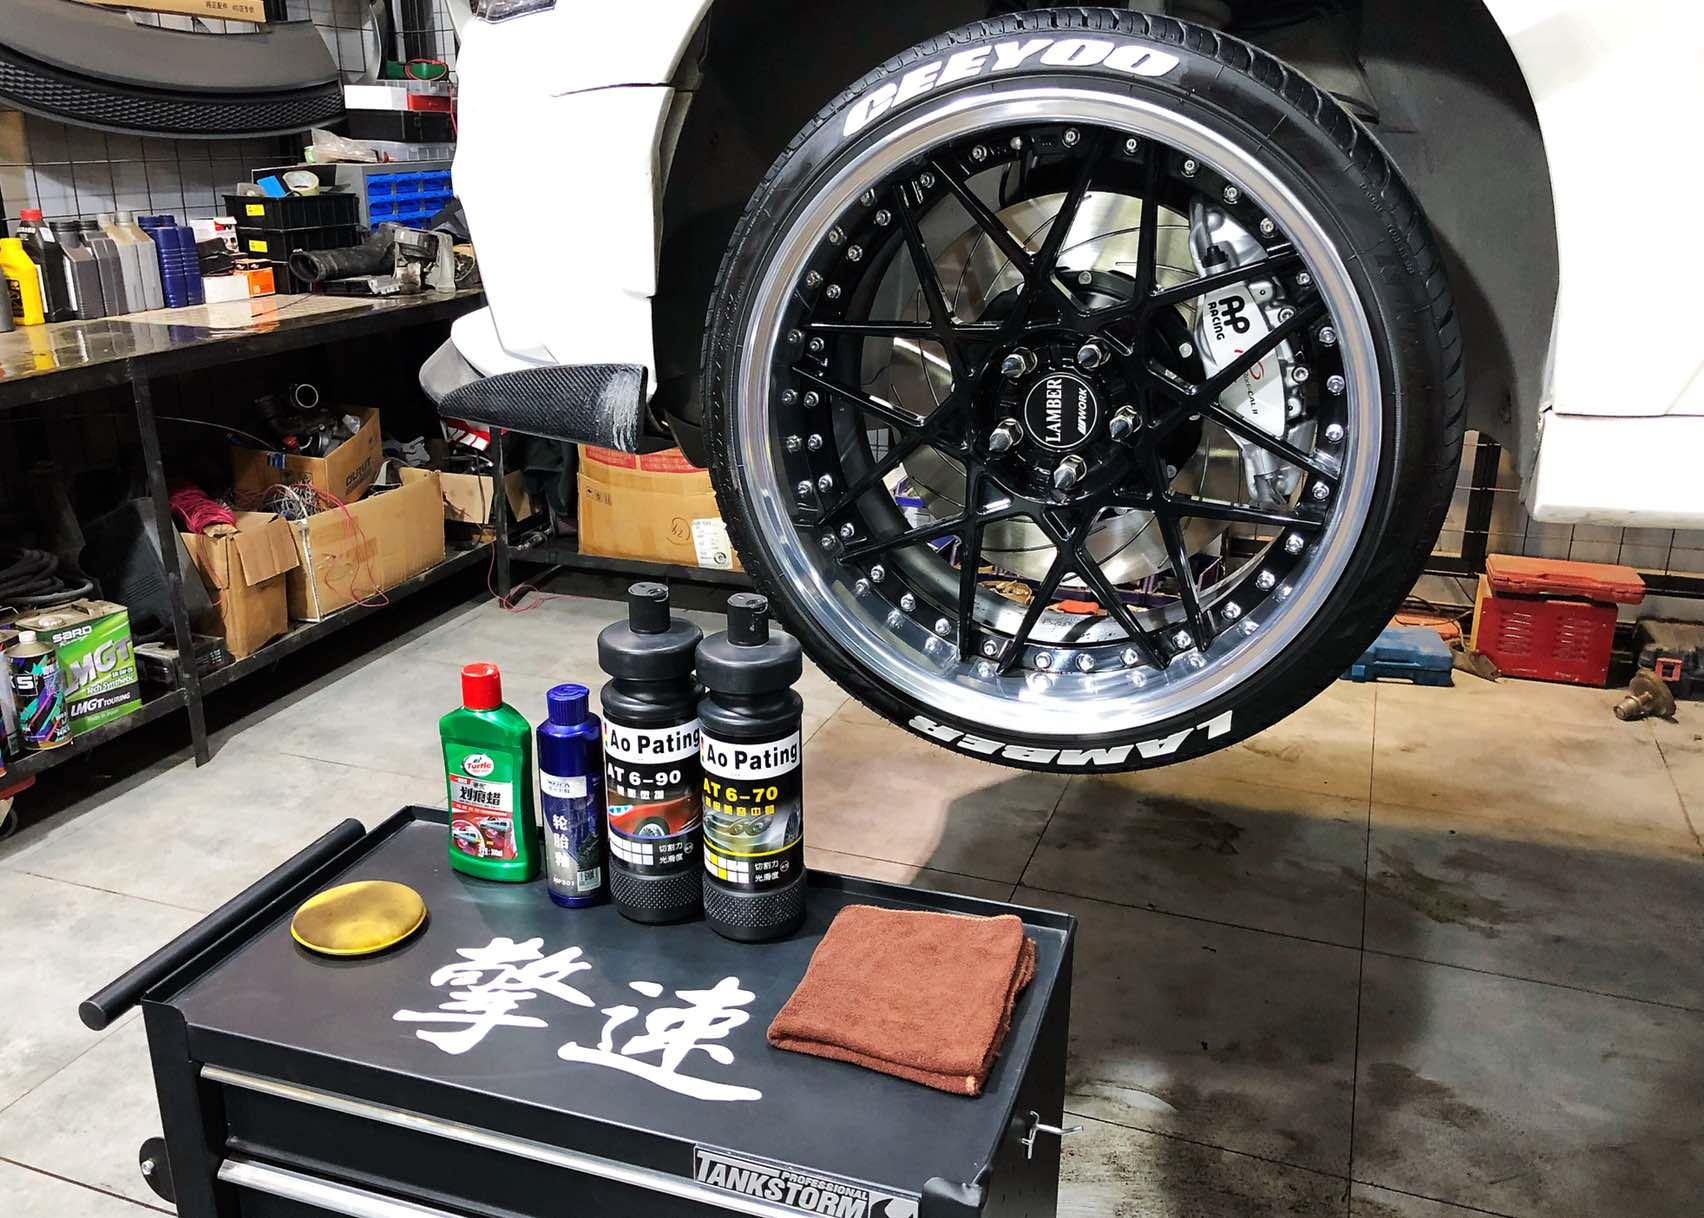 轮胎贴字(轮胎纹身)增加轮胎立体感,提升轮毂视觉冲击力!